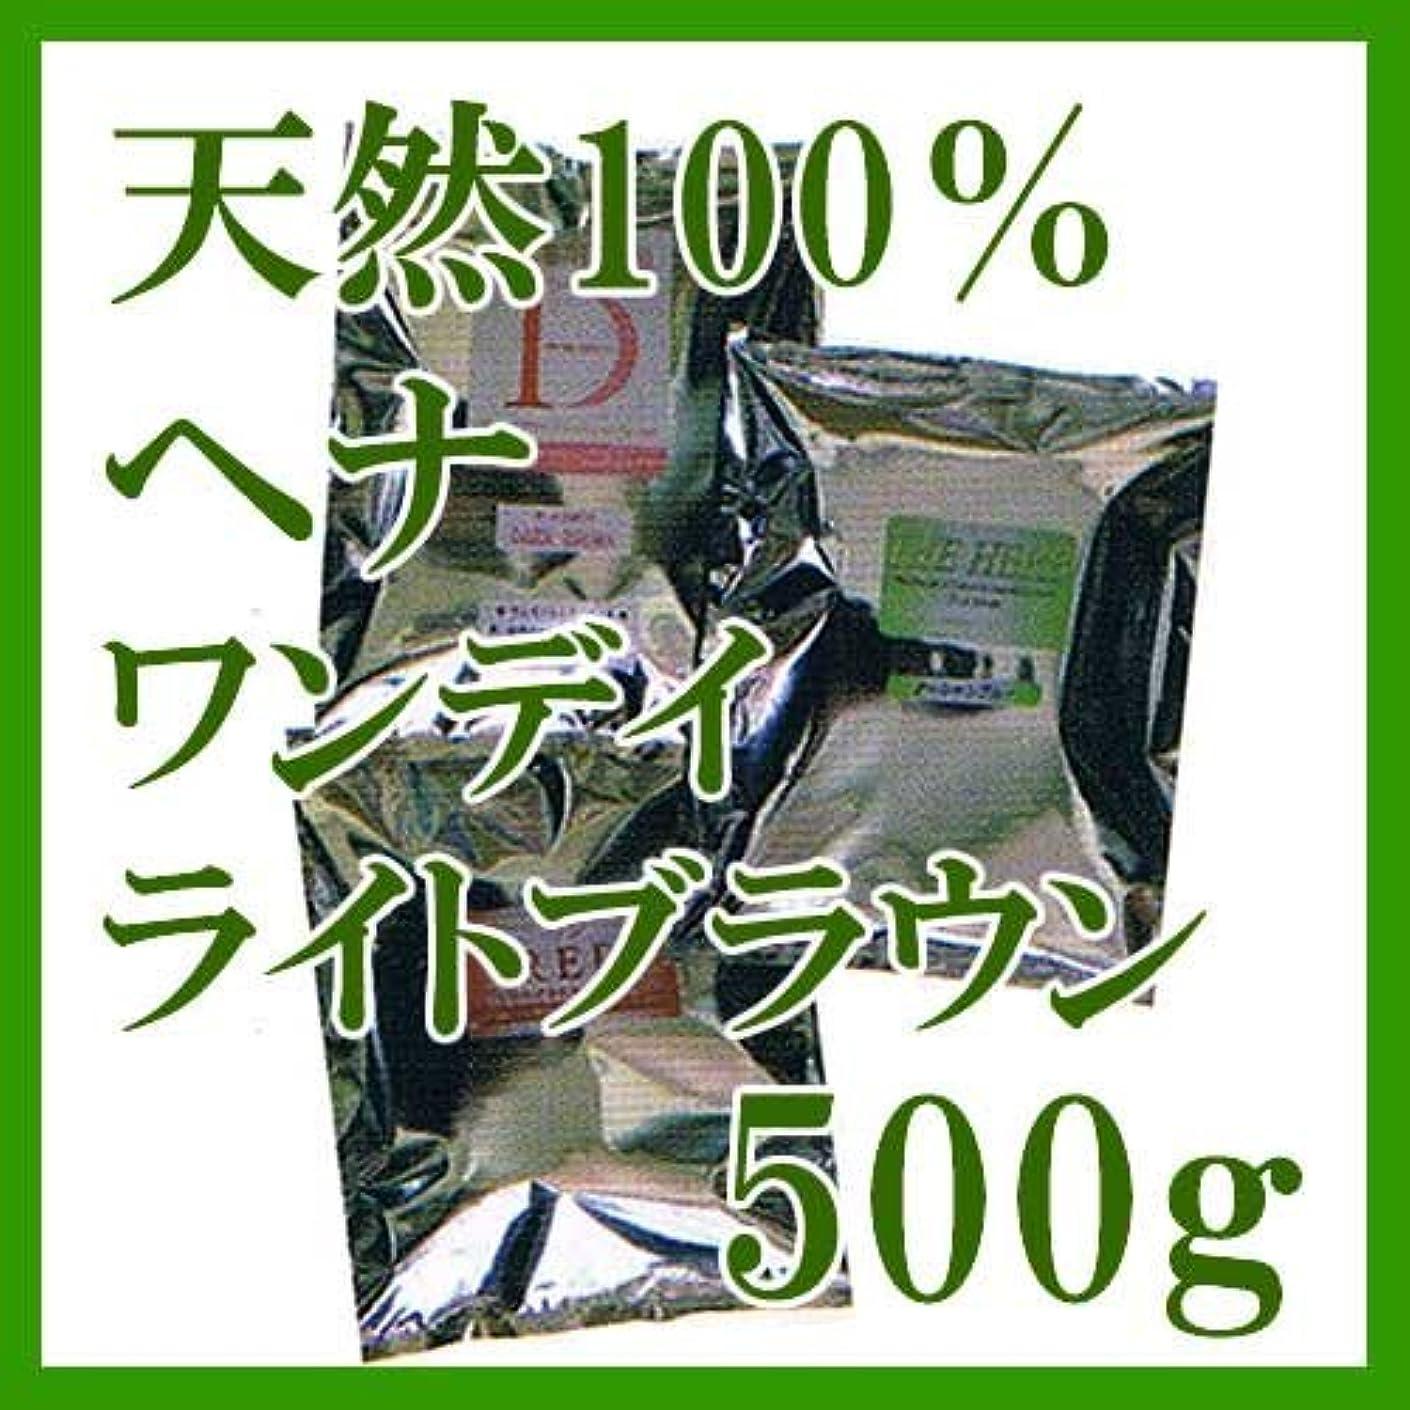 レイア古い窒素ヘナ インターナショナル 天然100%ヘナ ワンデイライトブラウン 500g